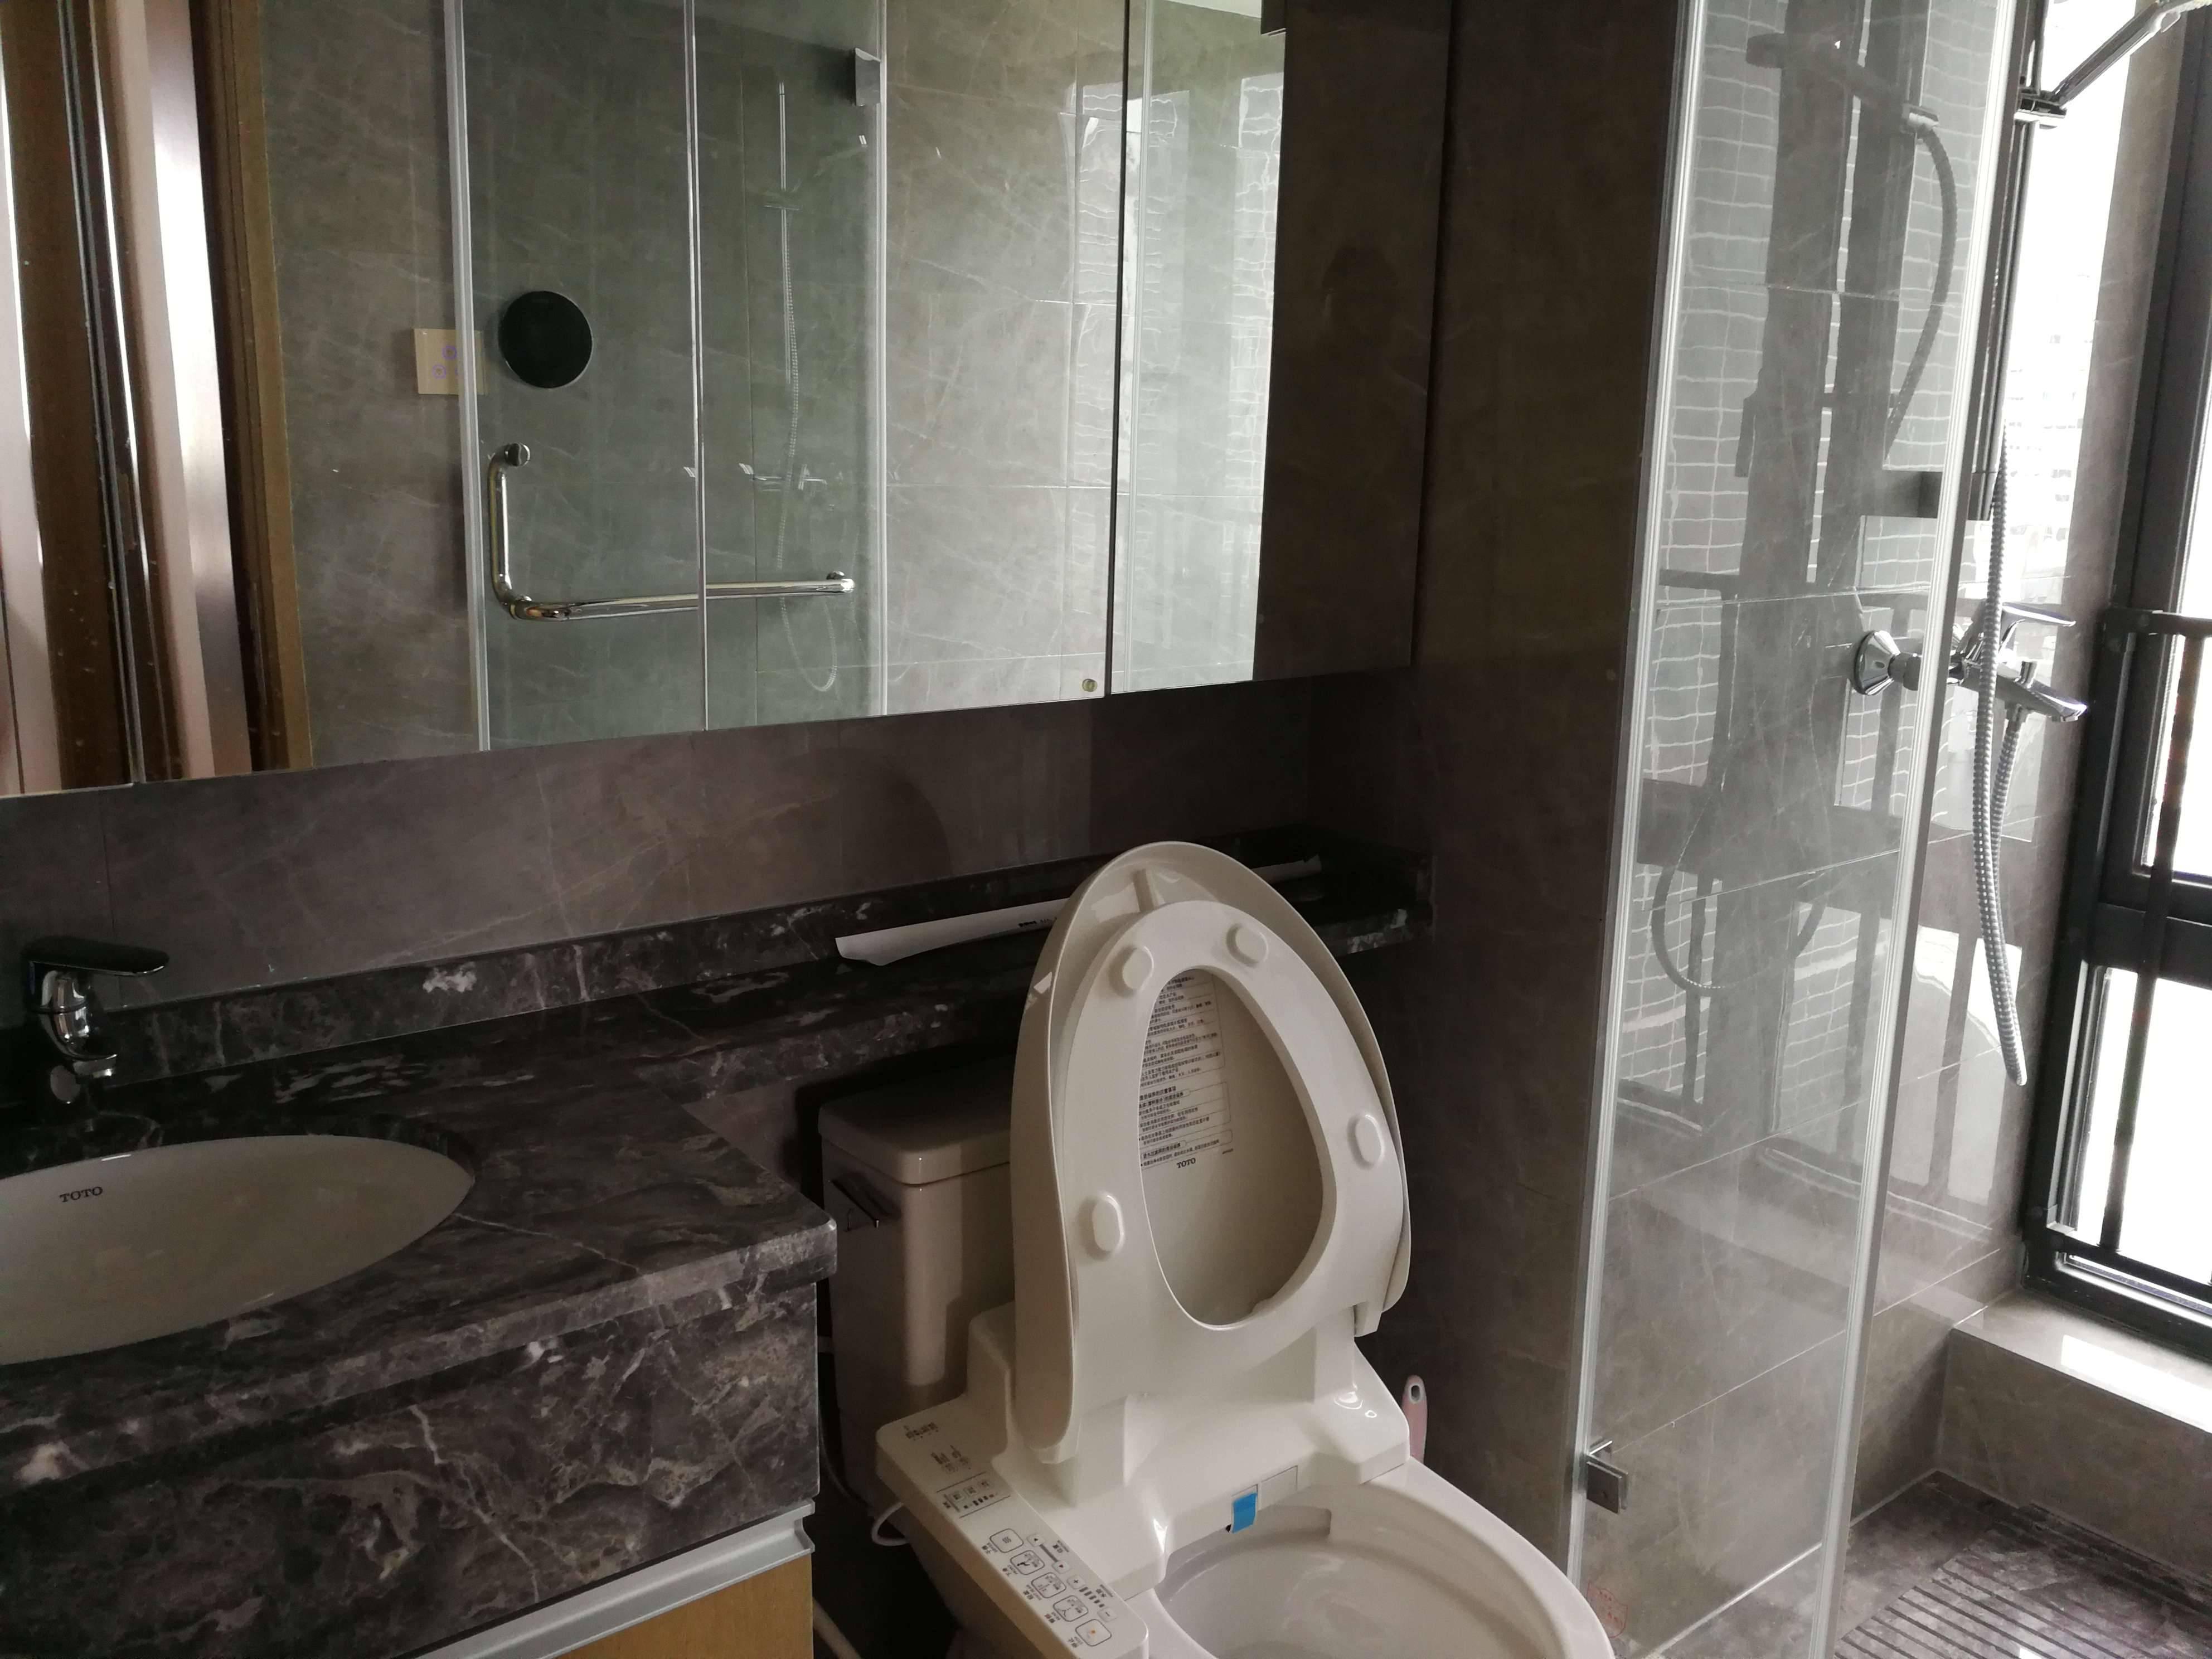 江北 悦榕湾 65平米 1房1厅 豪装公寓 拎包入住